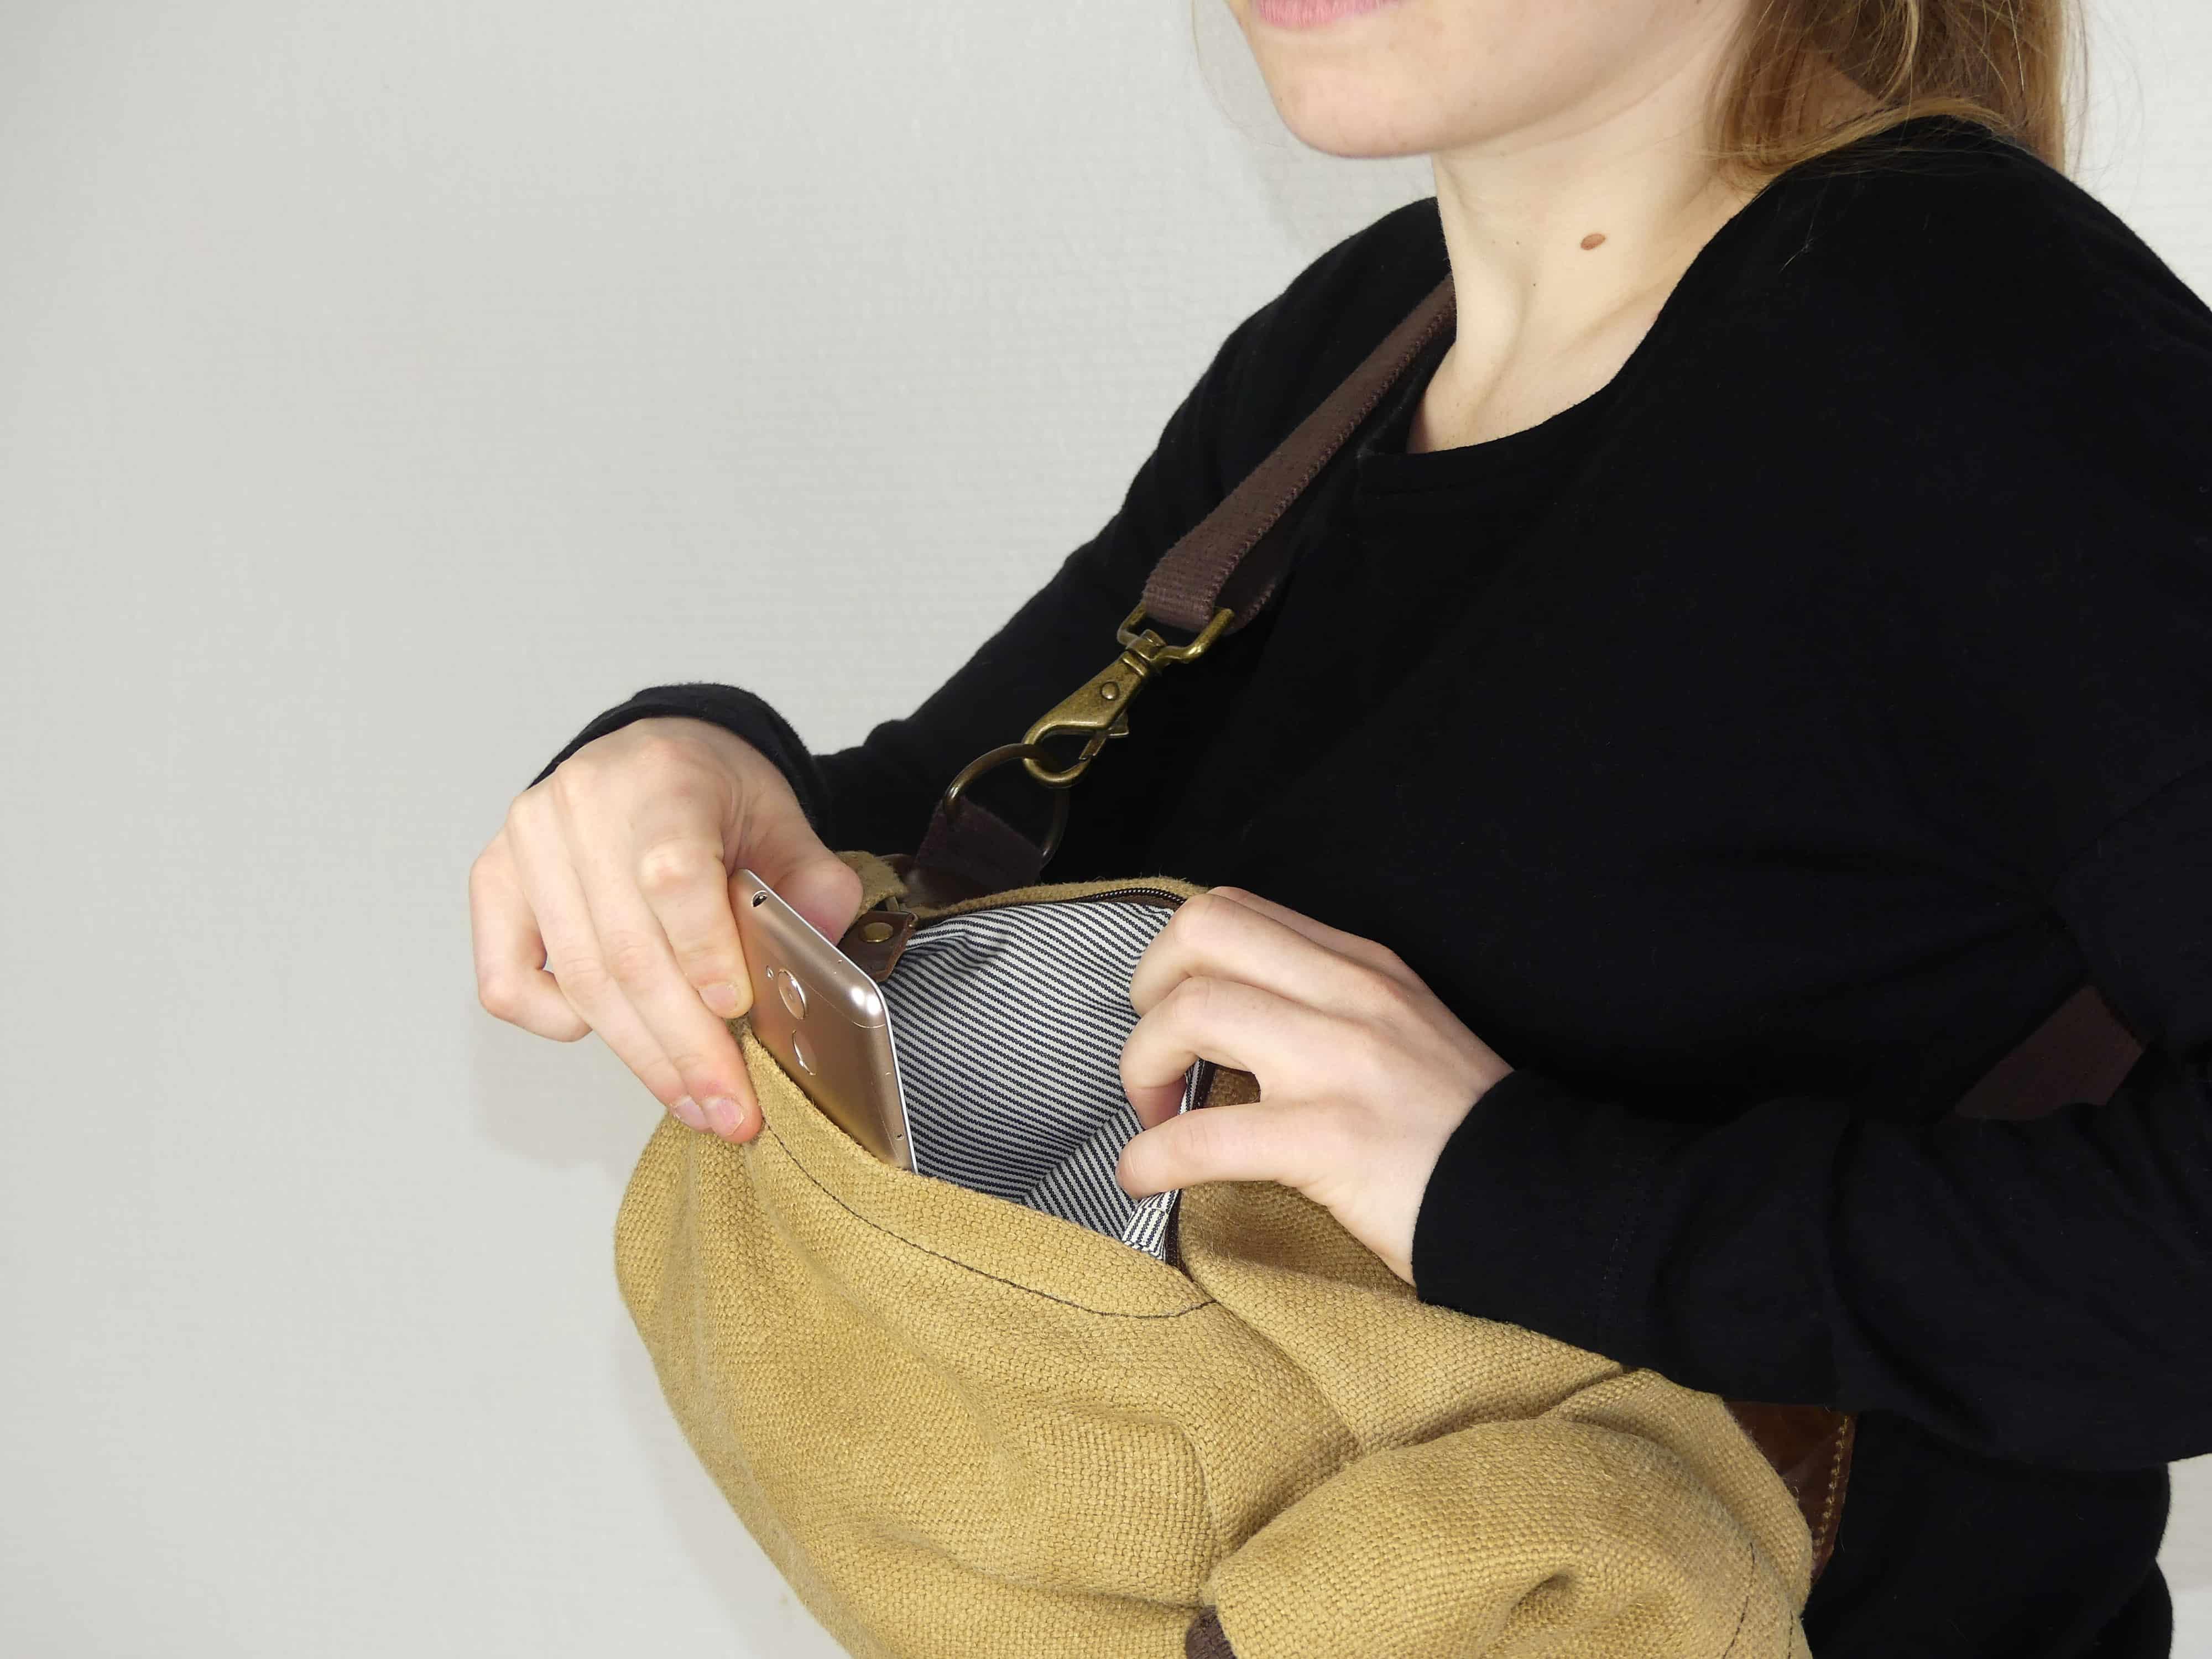 Petit sac à dos bandoulière, balish - le baluchon - Bhallot num 4